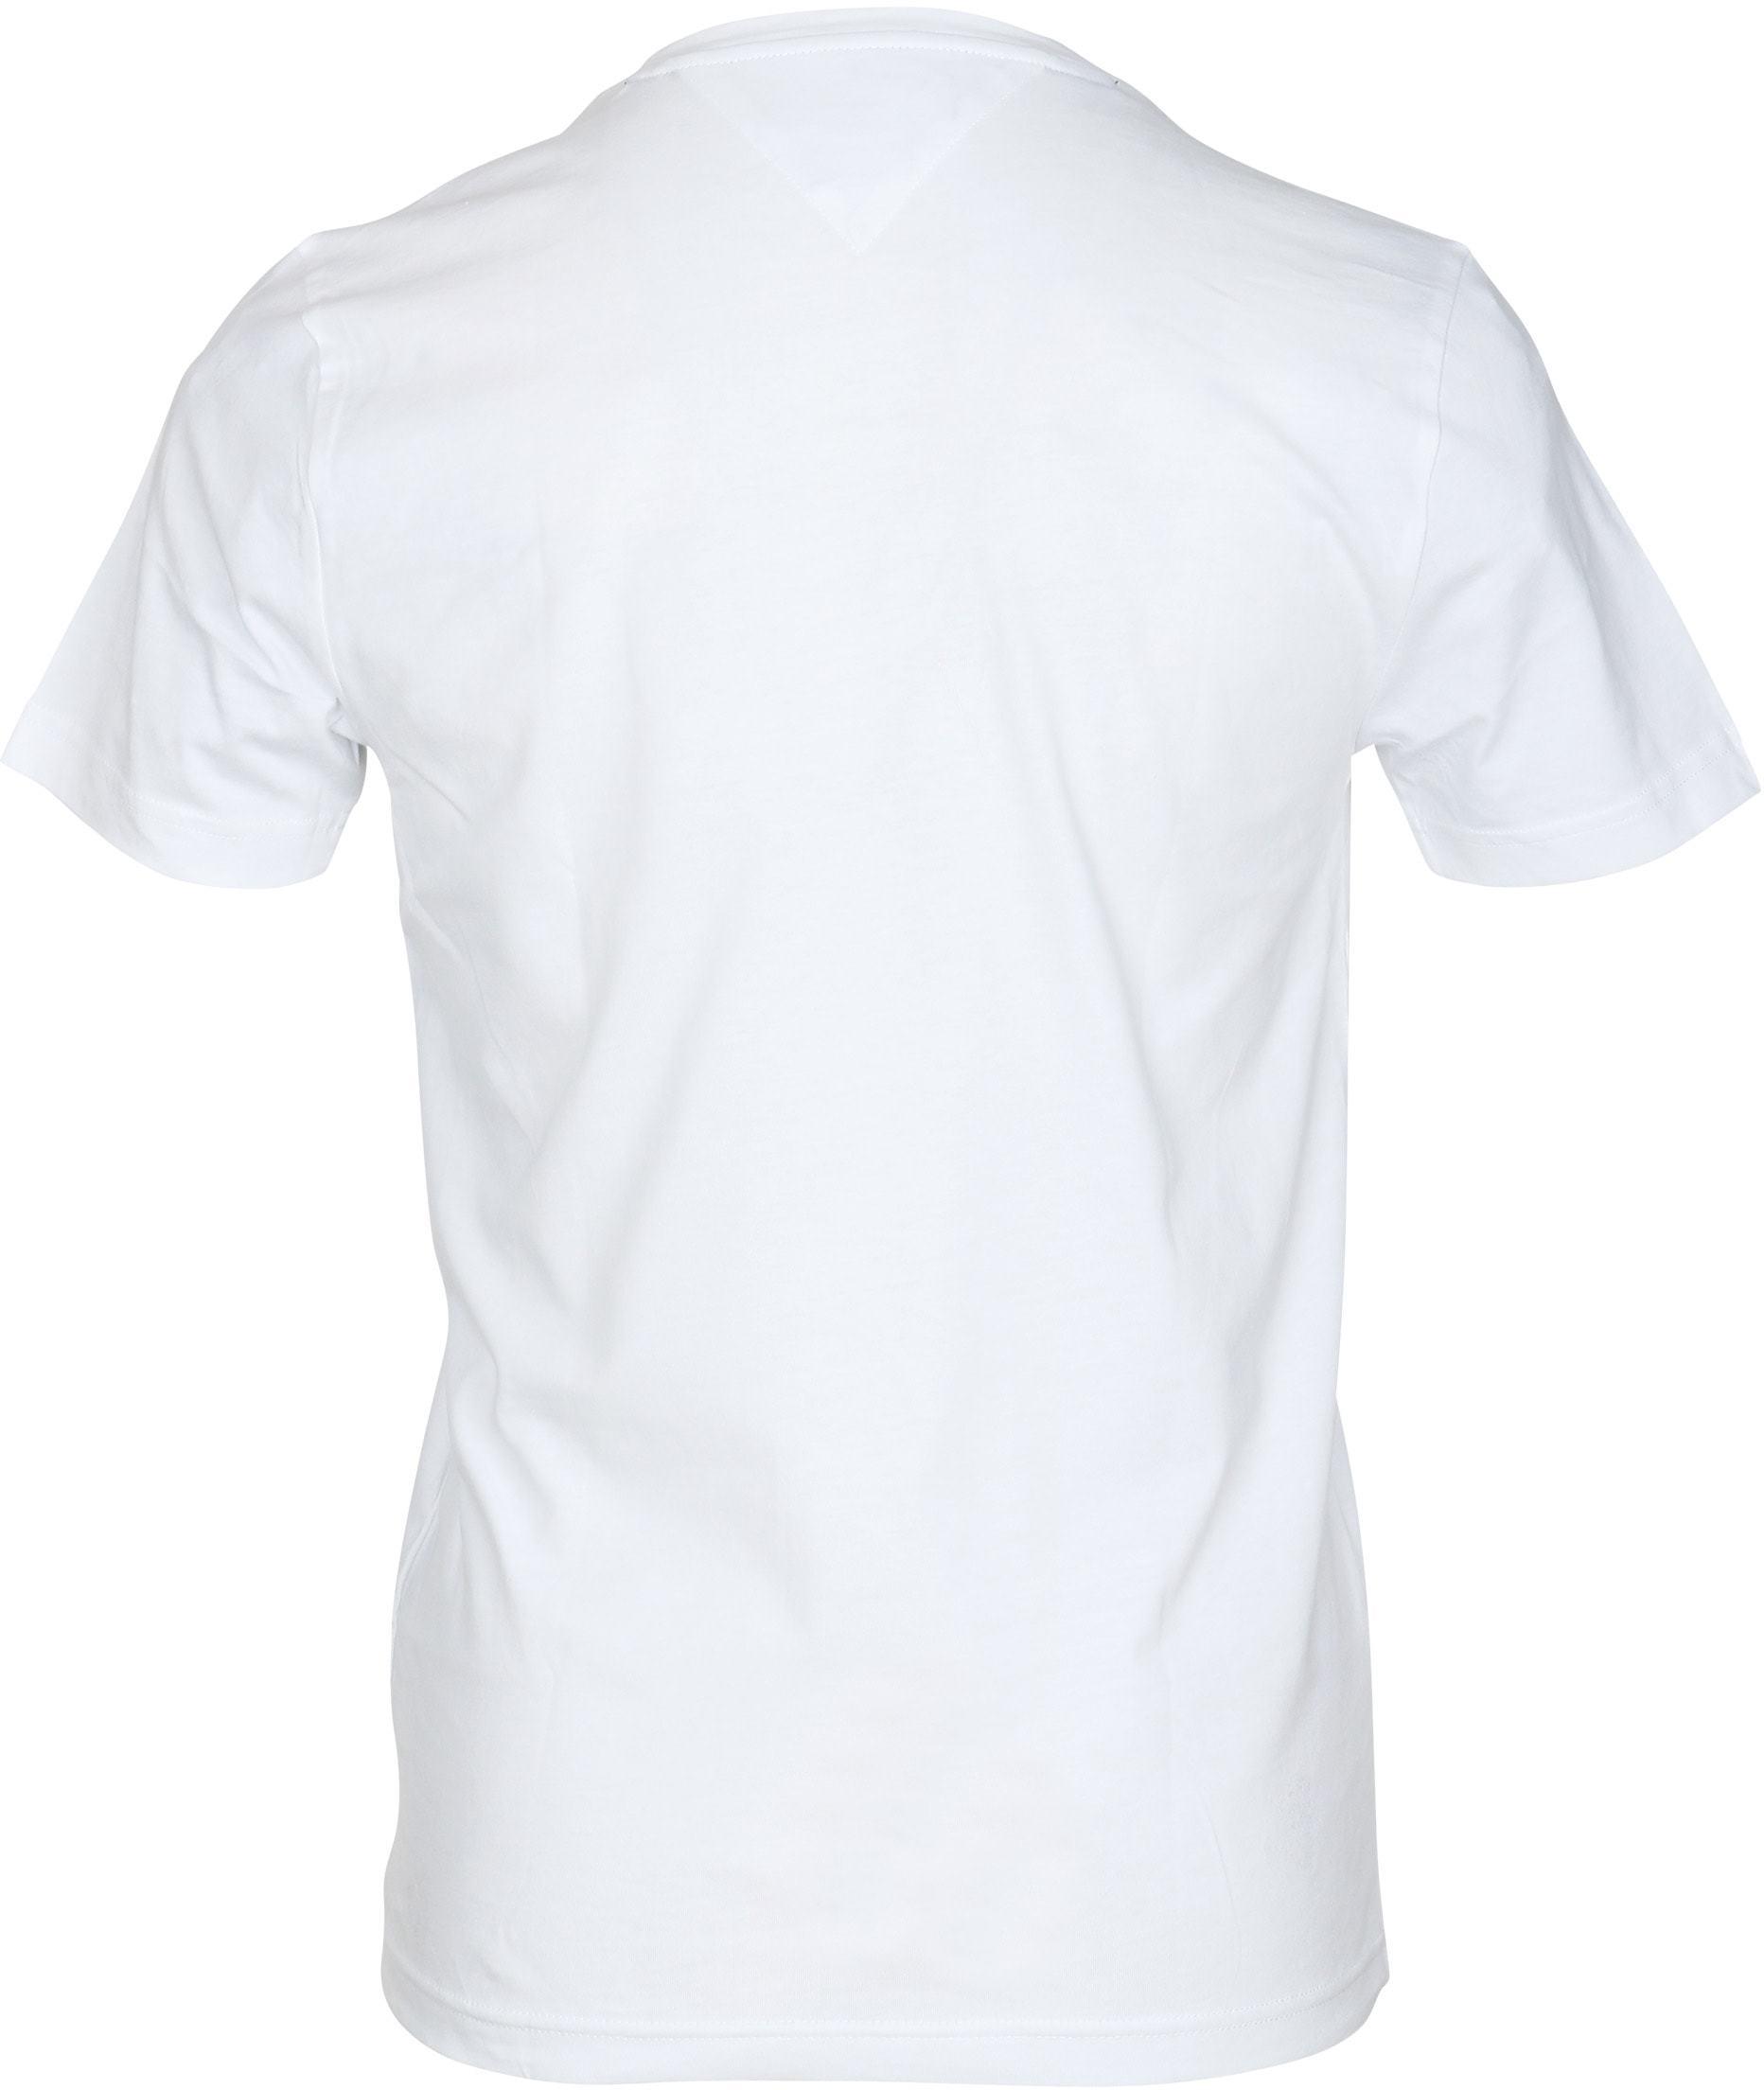 Tommy Hilfiger T-shirt Weiß foto 3